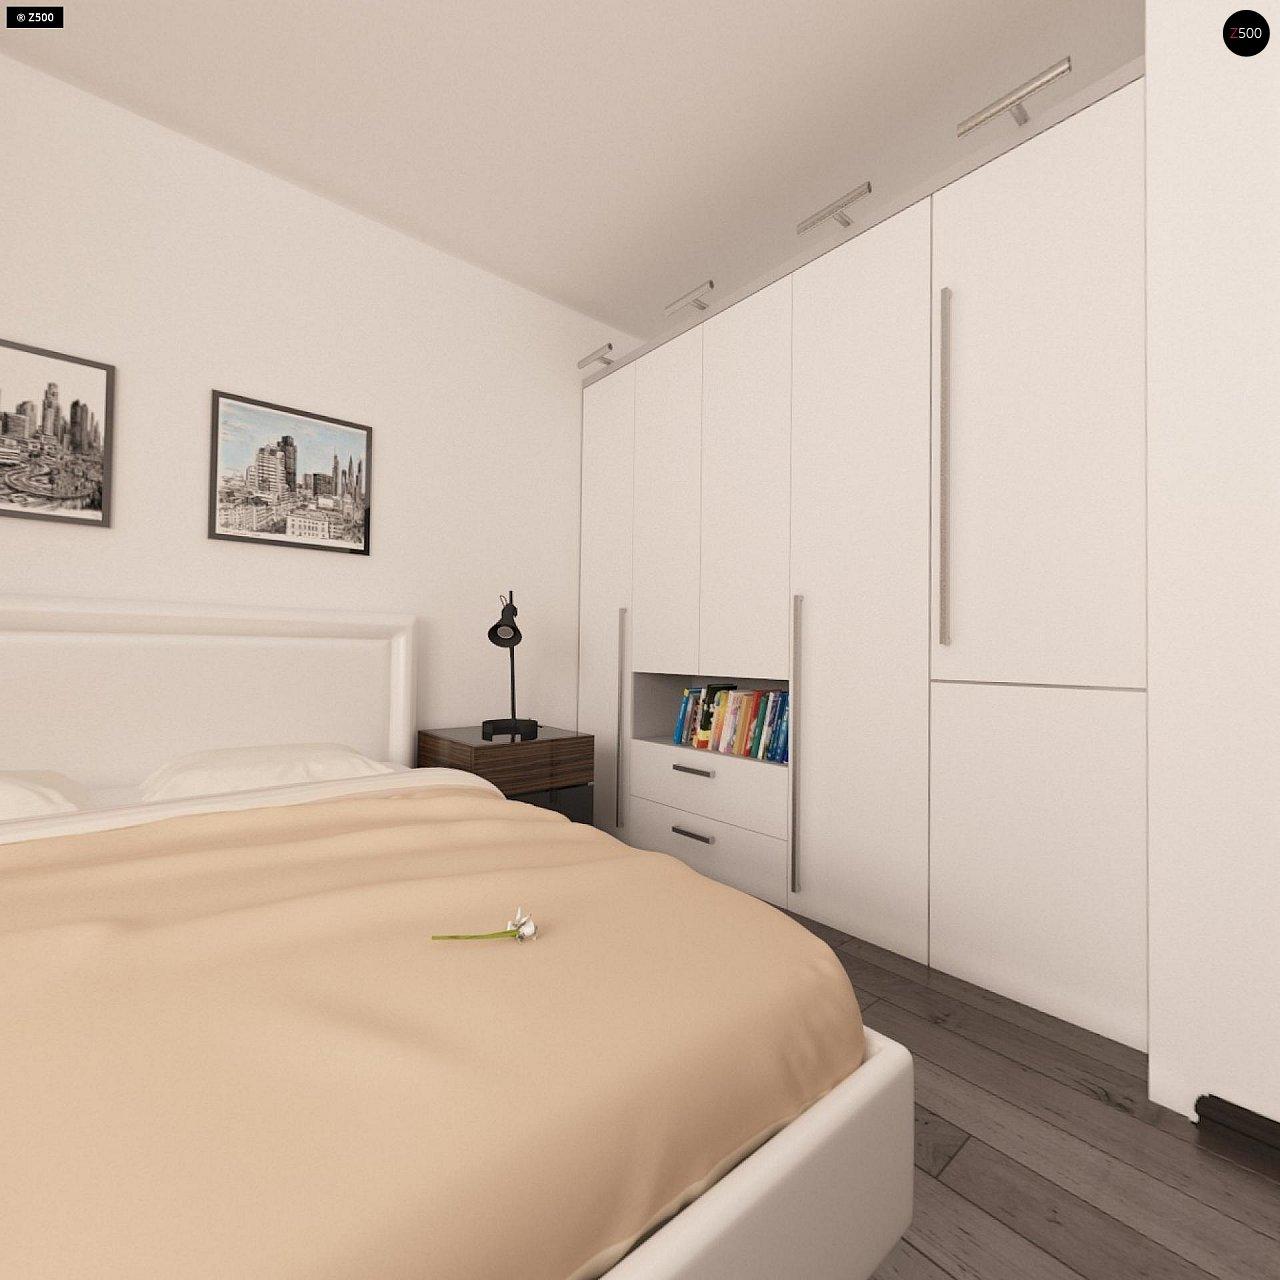 Аккуратный одноэтажный дом в классическом стиле. - фото 10